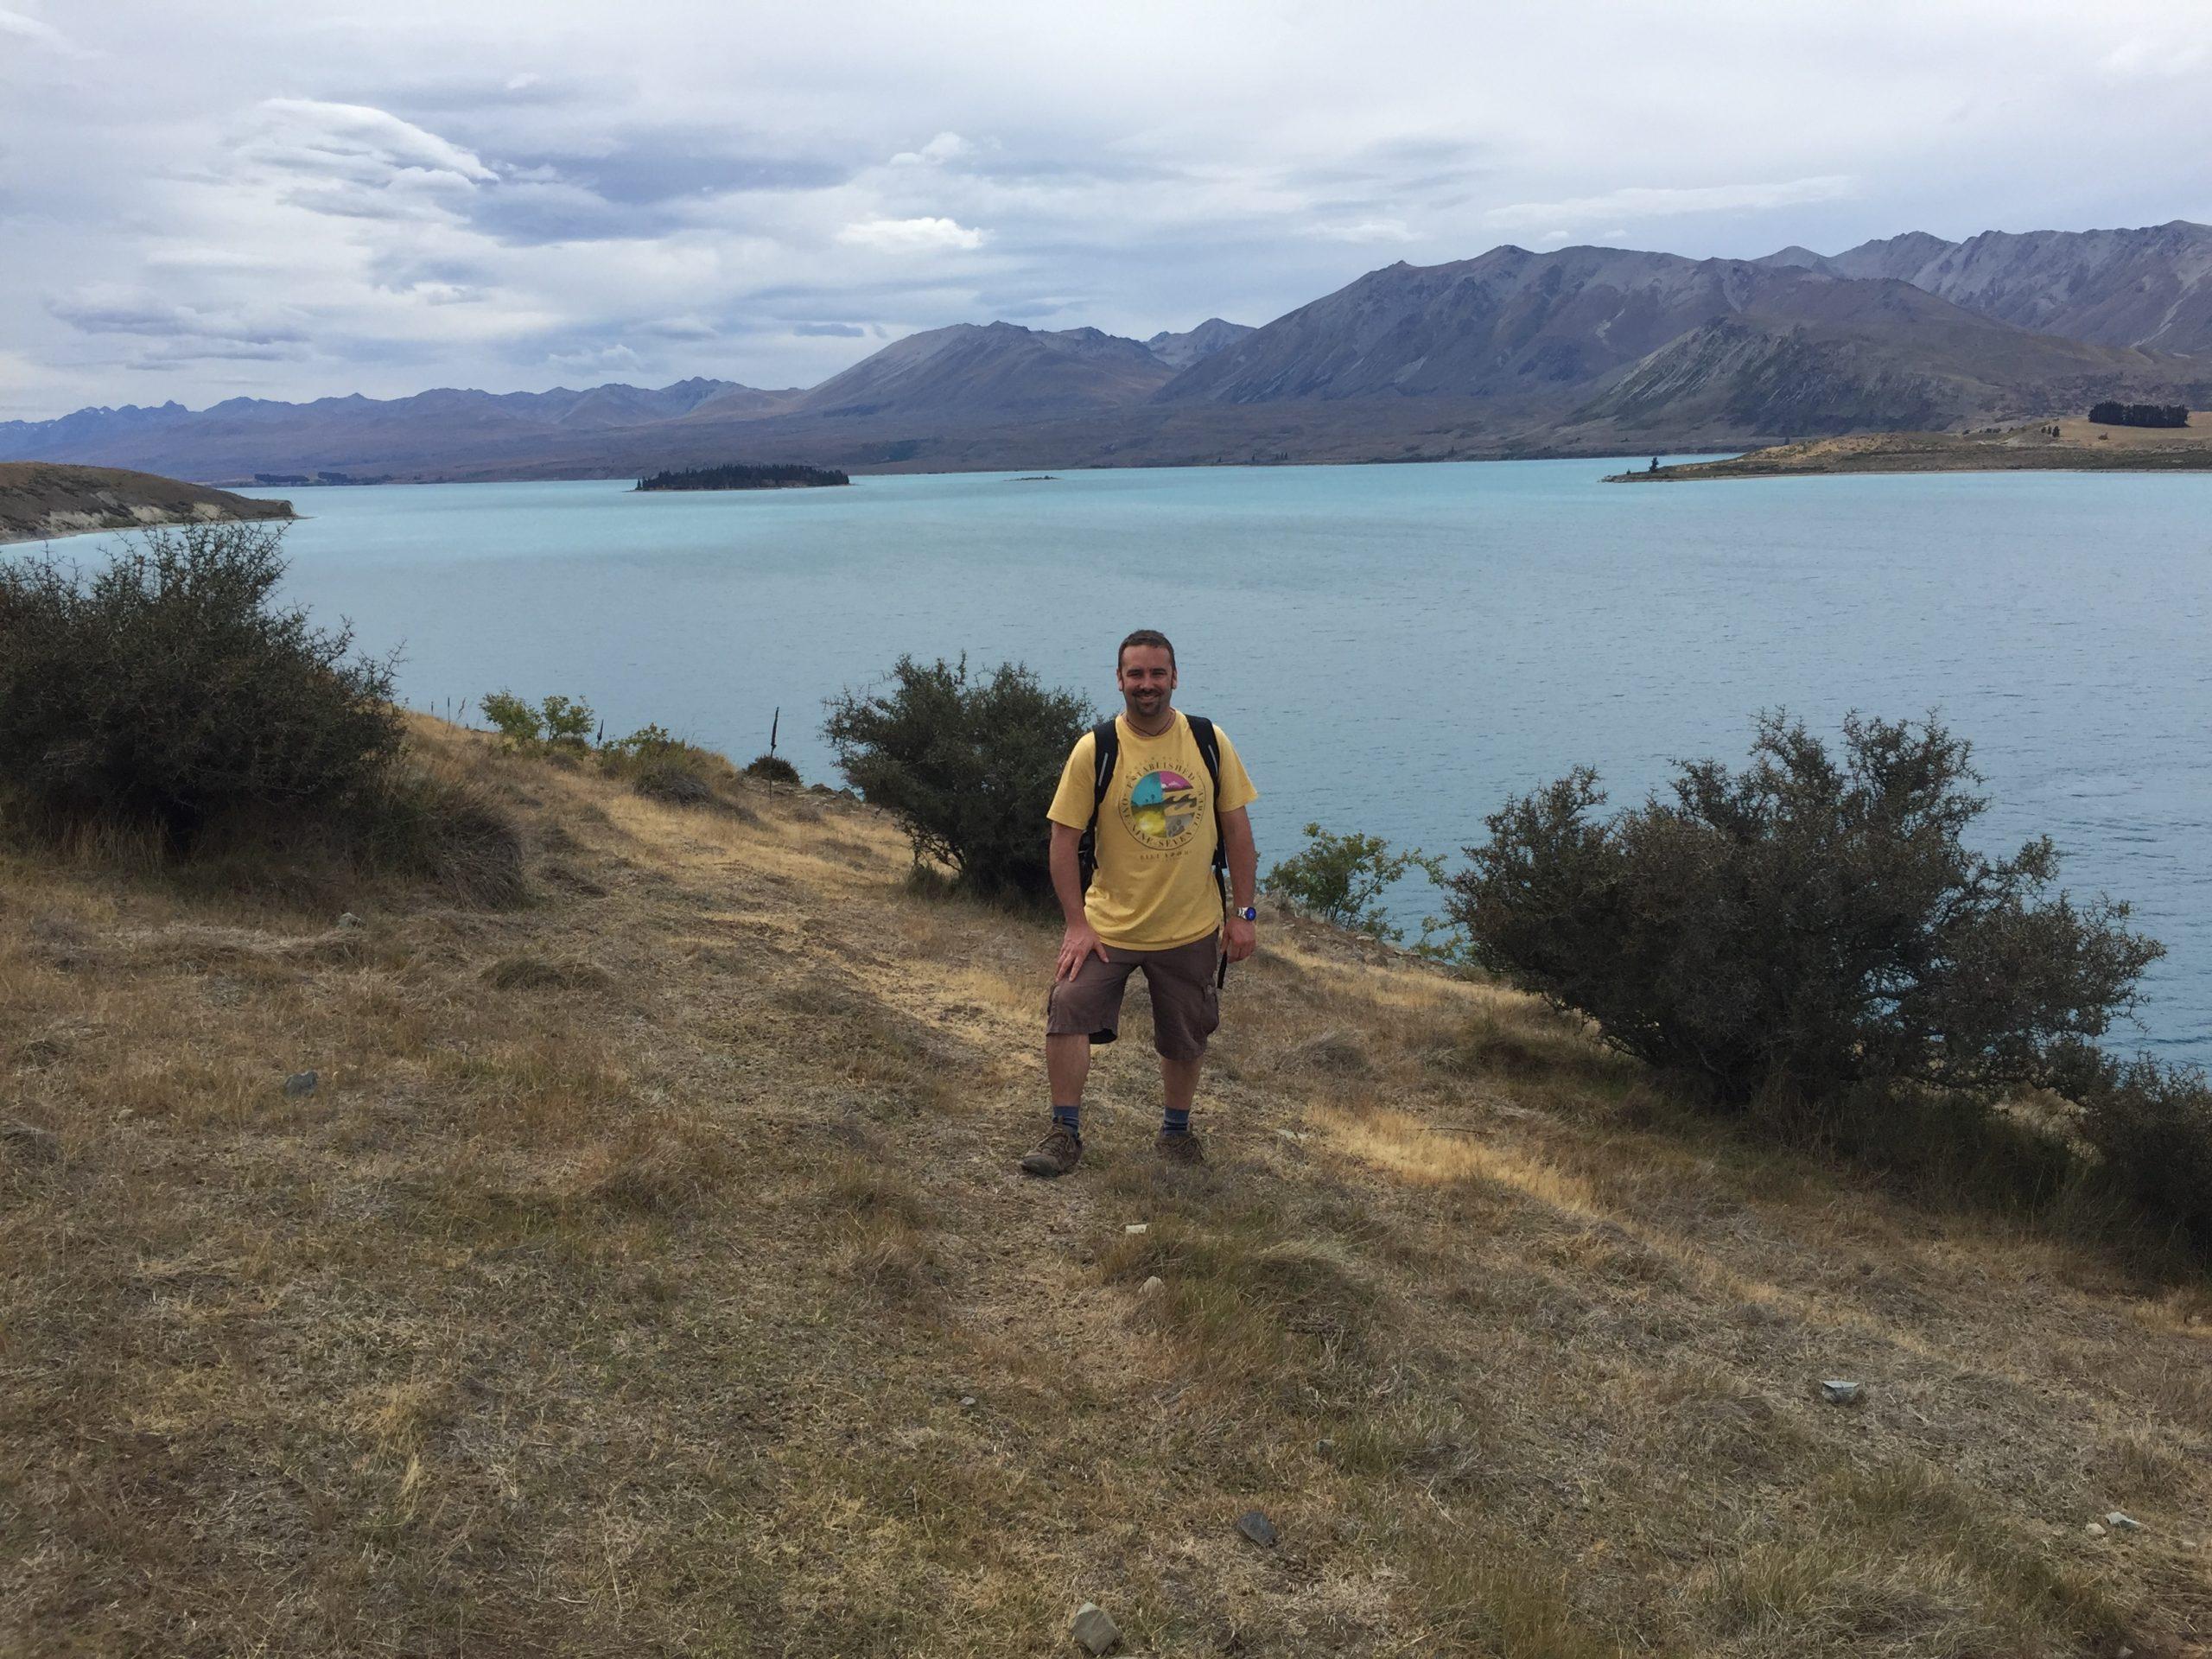 Hiking - go backpacking in new zealand - backpack-nz